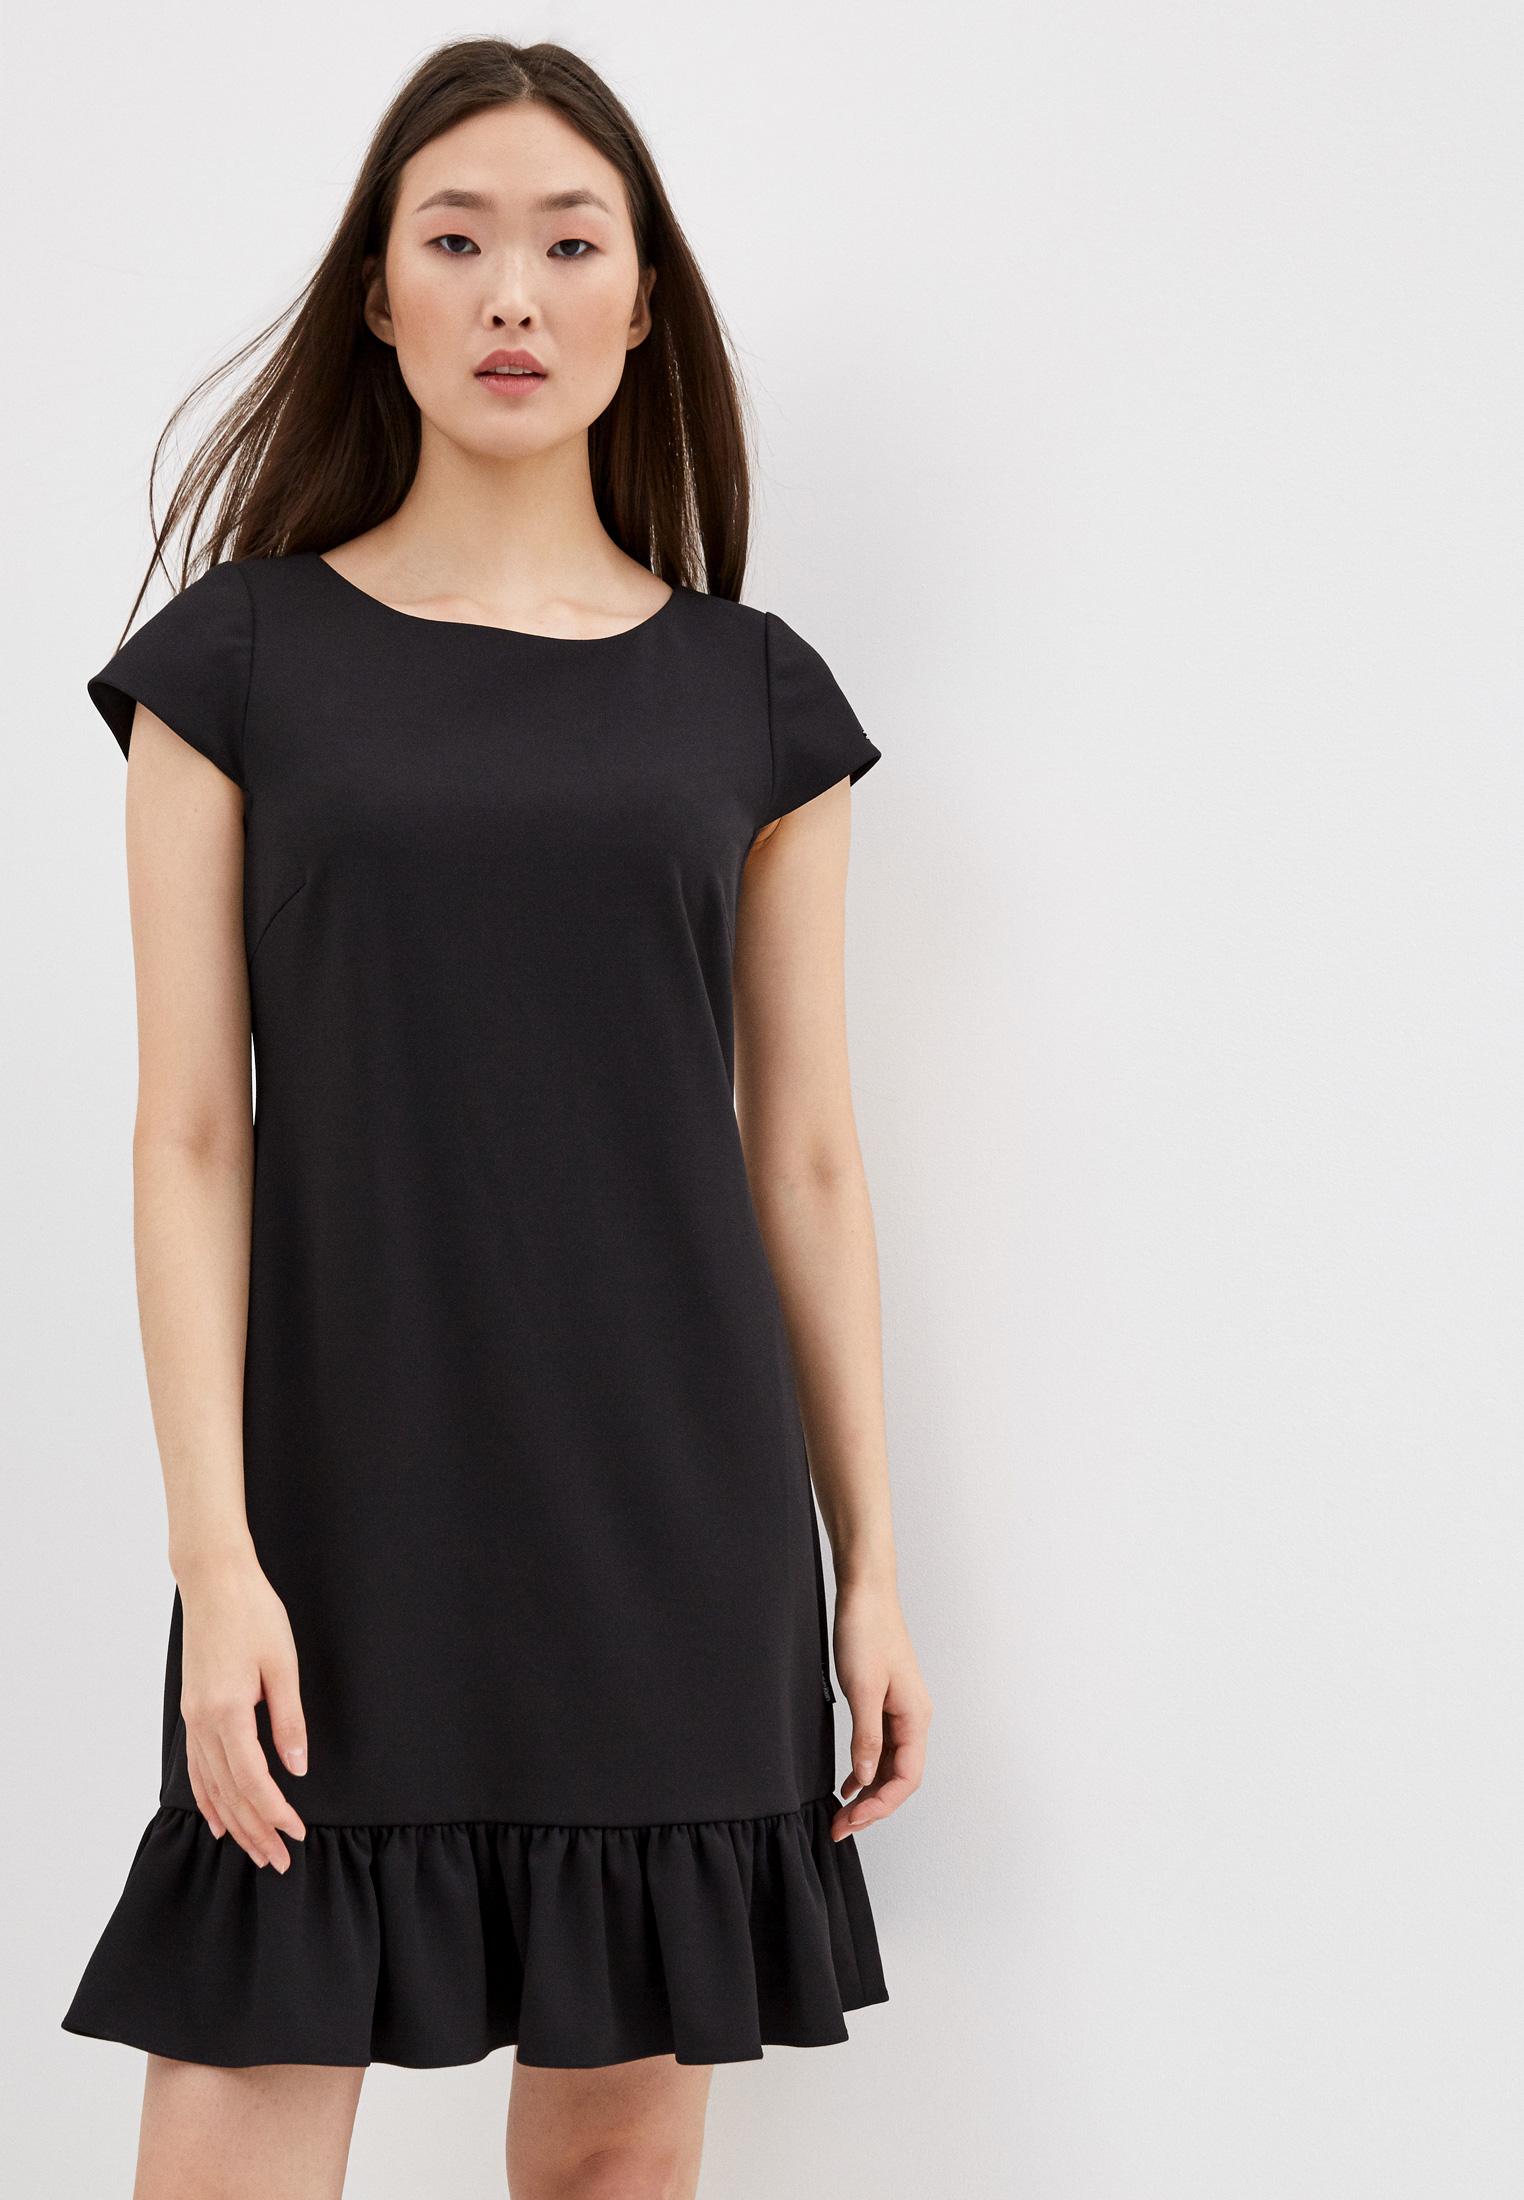 Повседневное платье Calvin Klein (Кельвин Кляйн) K20k201960